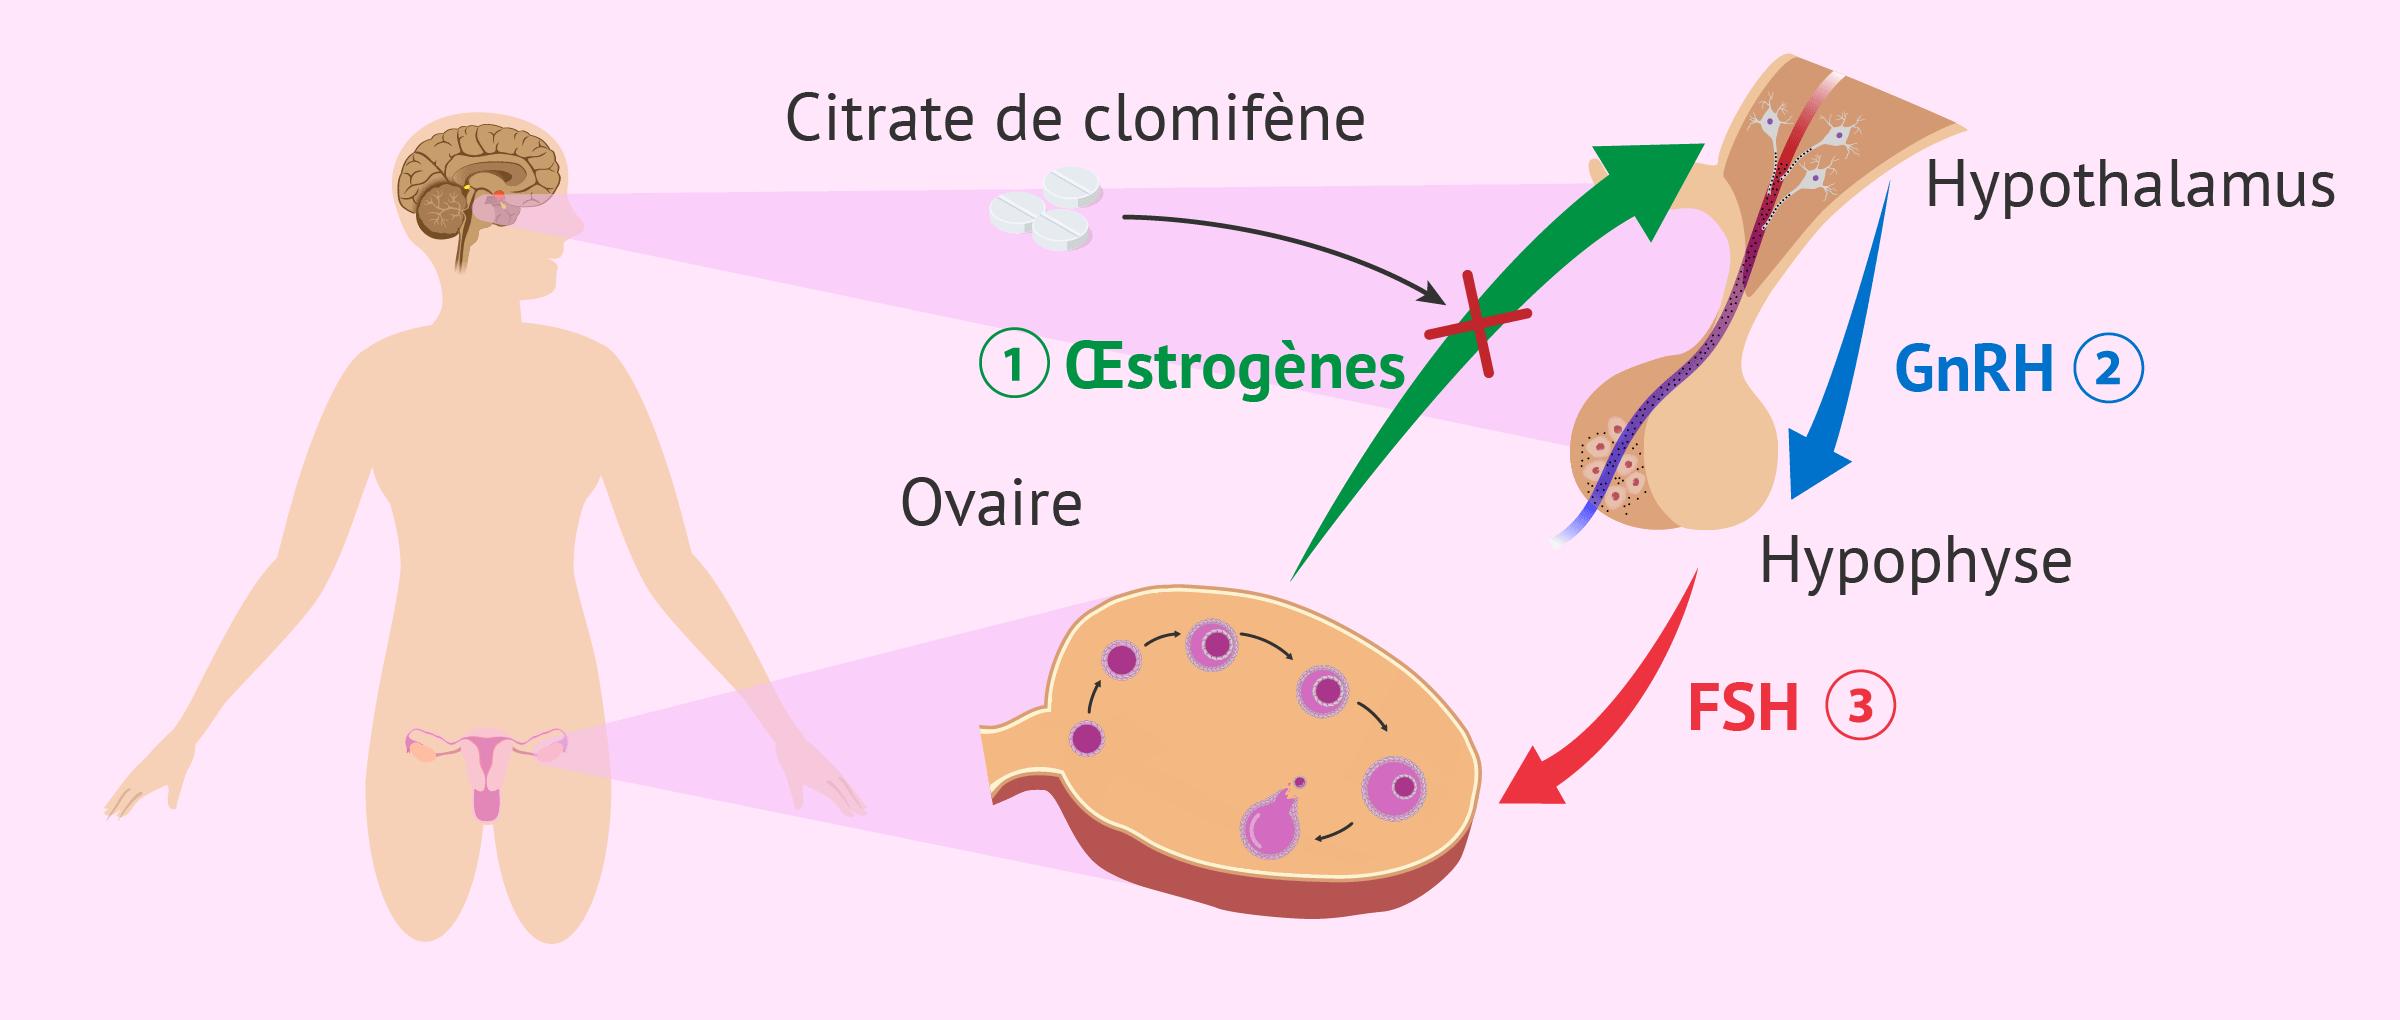 Citrate de clomifène pour induire l'ovulation